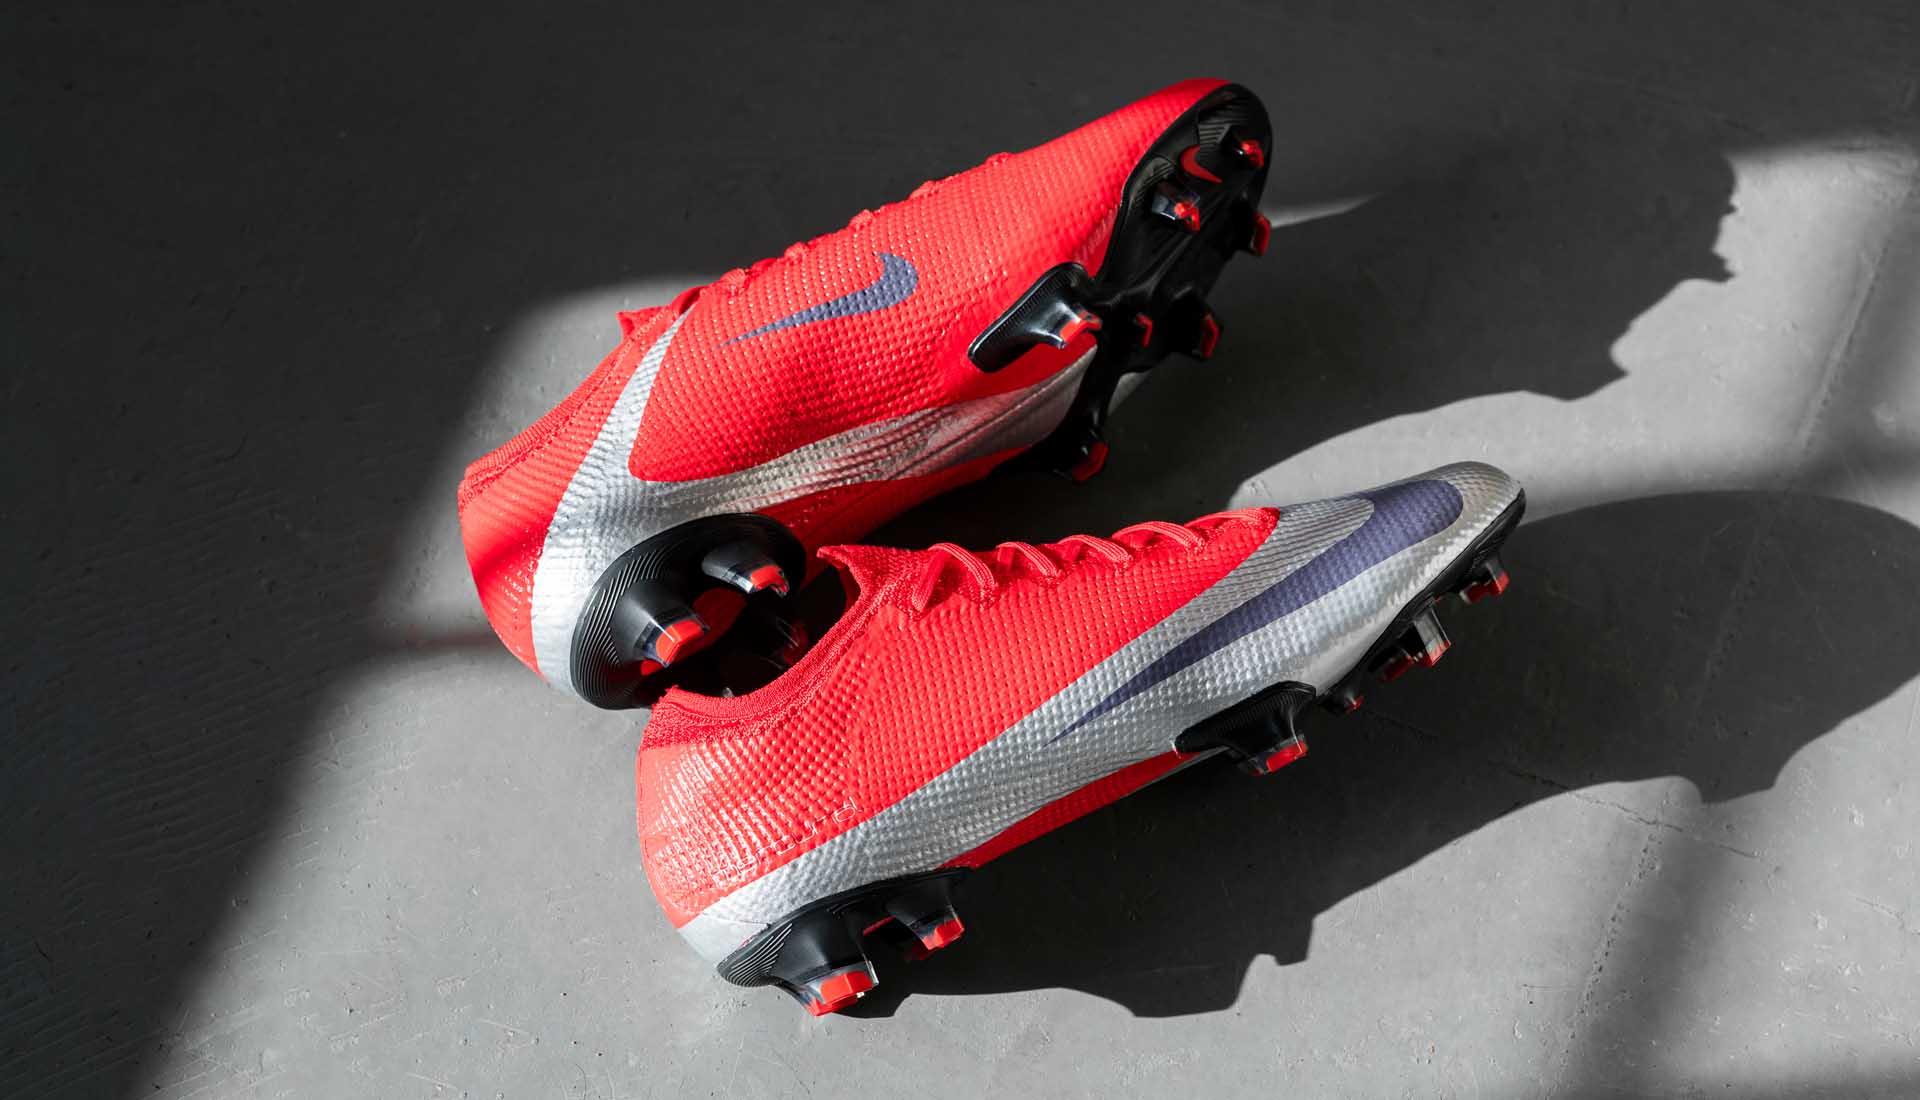 GIày Nike Mercurial Vapor 13 là thế hệ mới giày trợ tốc siêu nhẹ của Nike